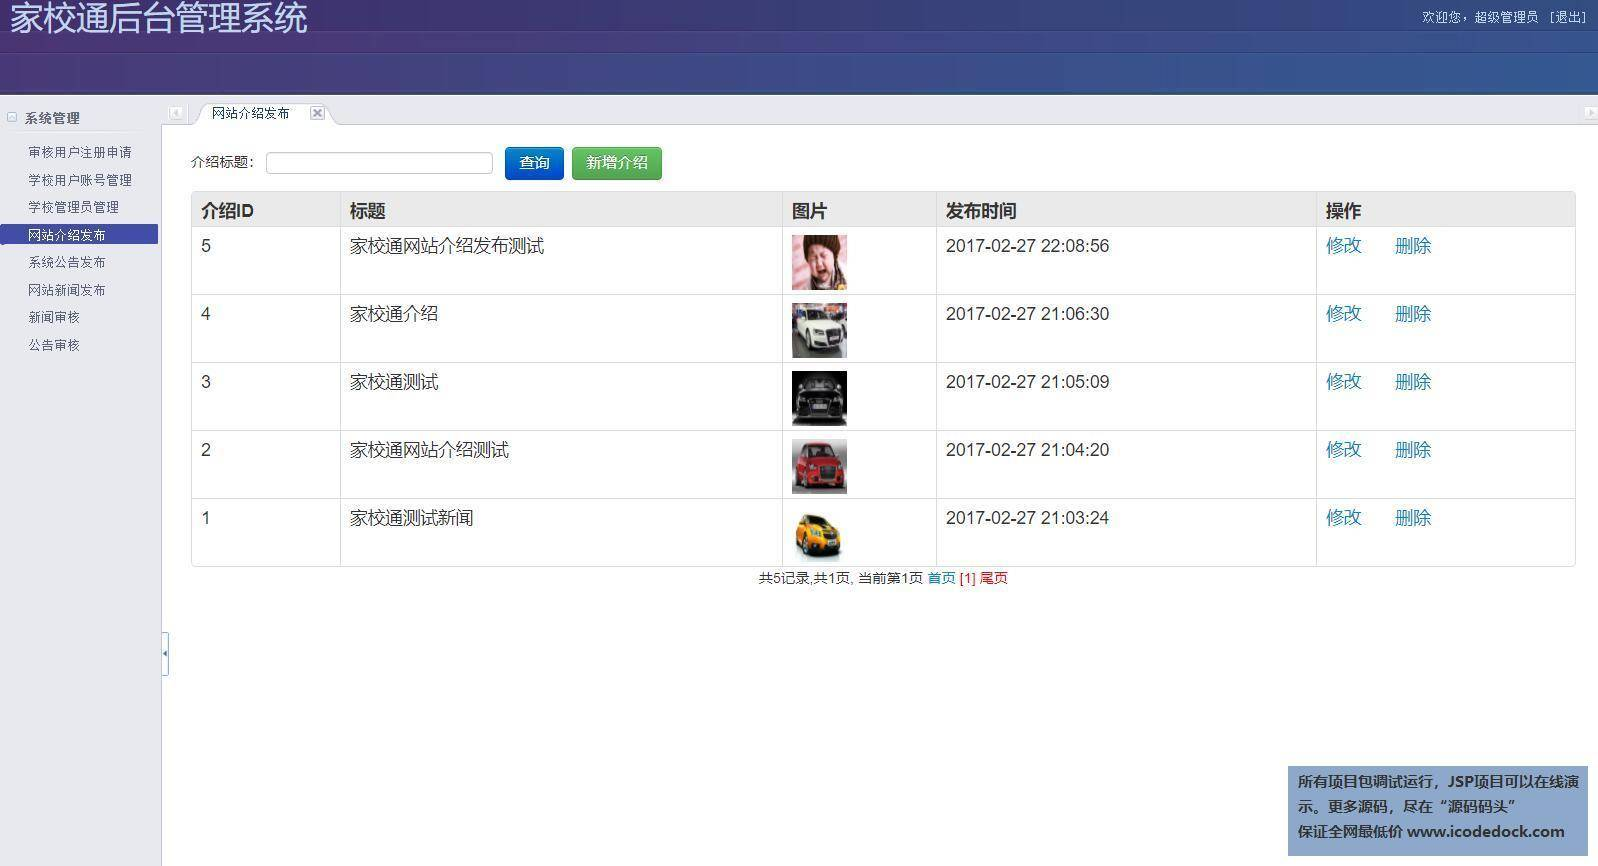 源码码头-SSM在线家校通管理系统-管理员角色-网站介绍管理